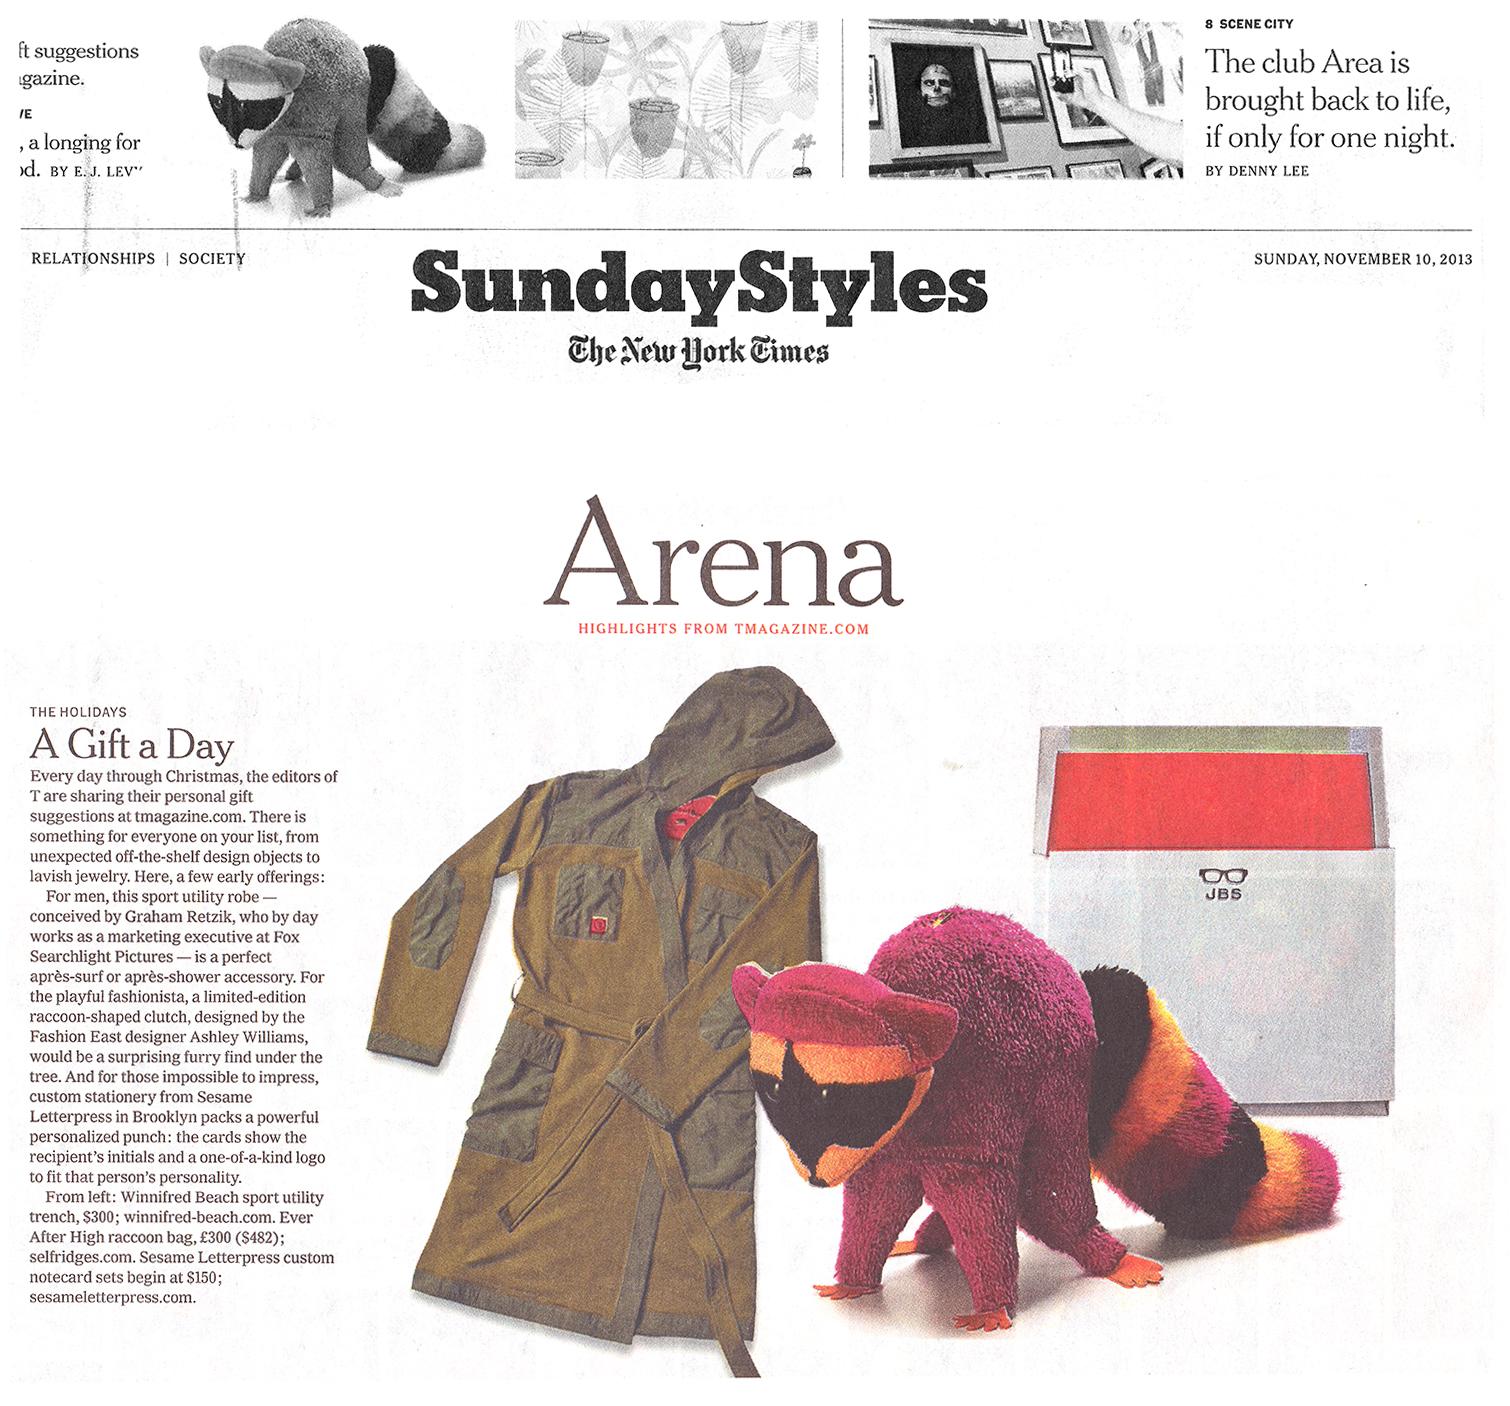 NYTimes_Nov_10_13.jpg